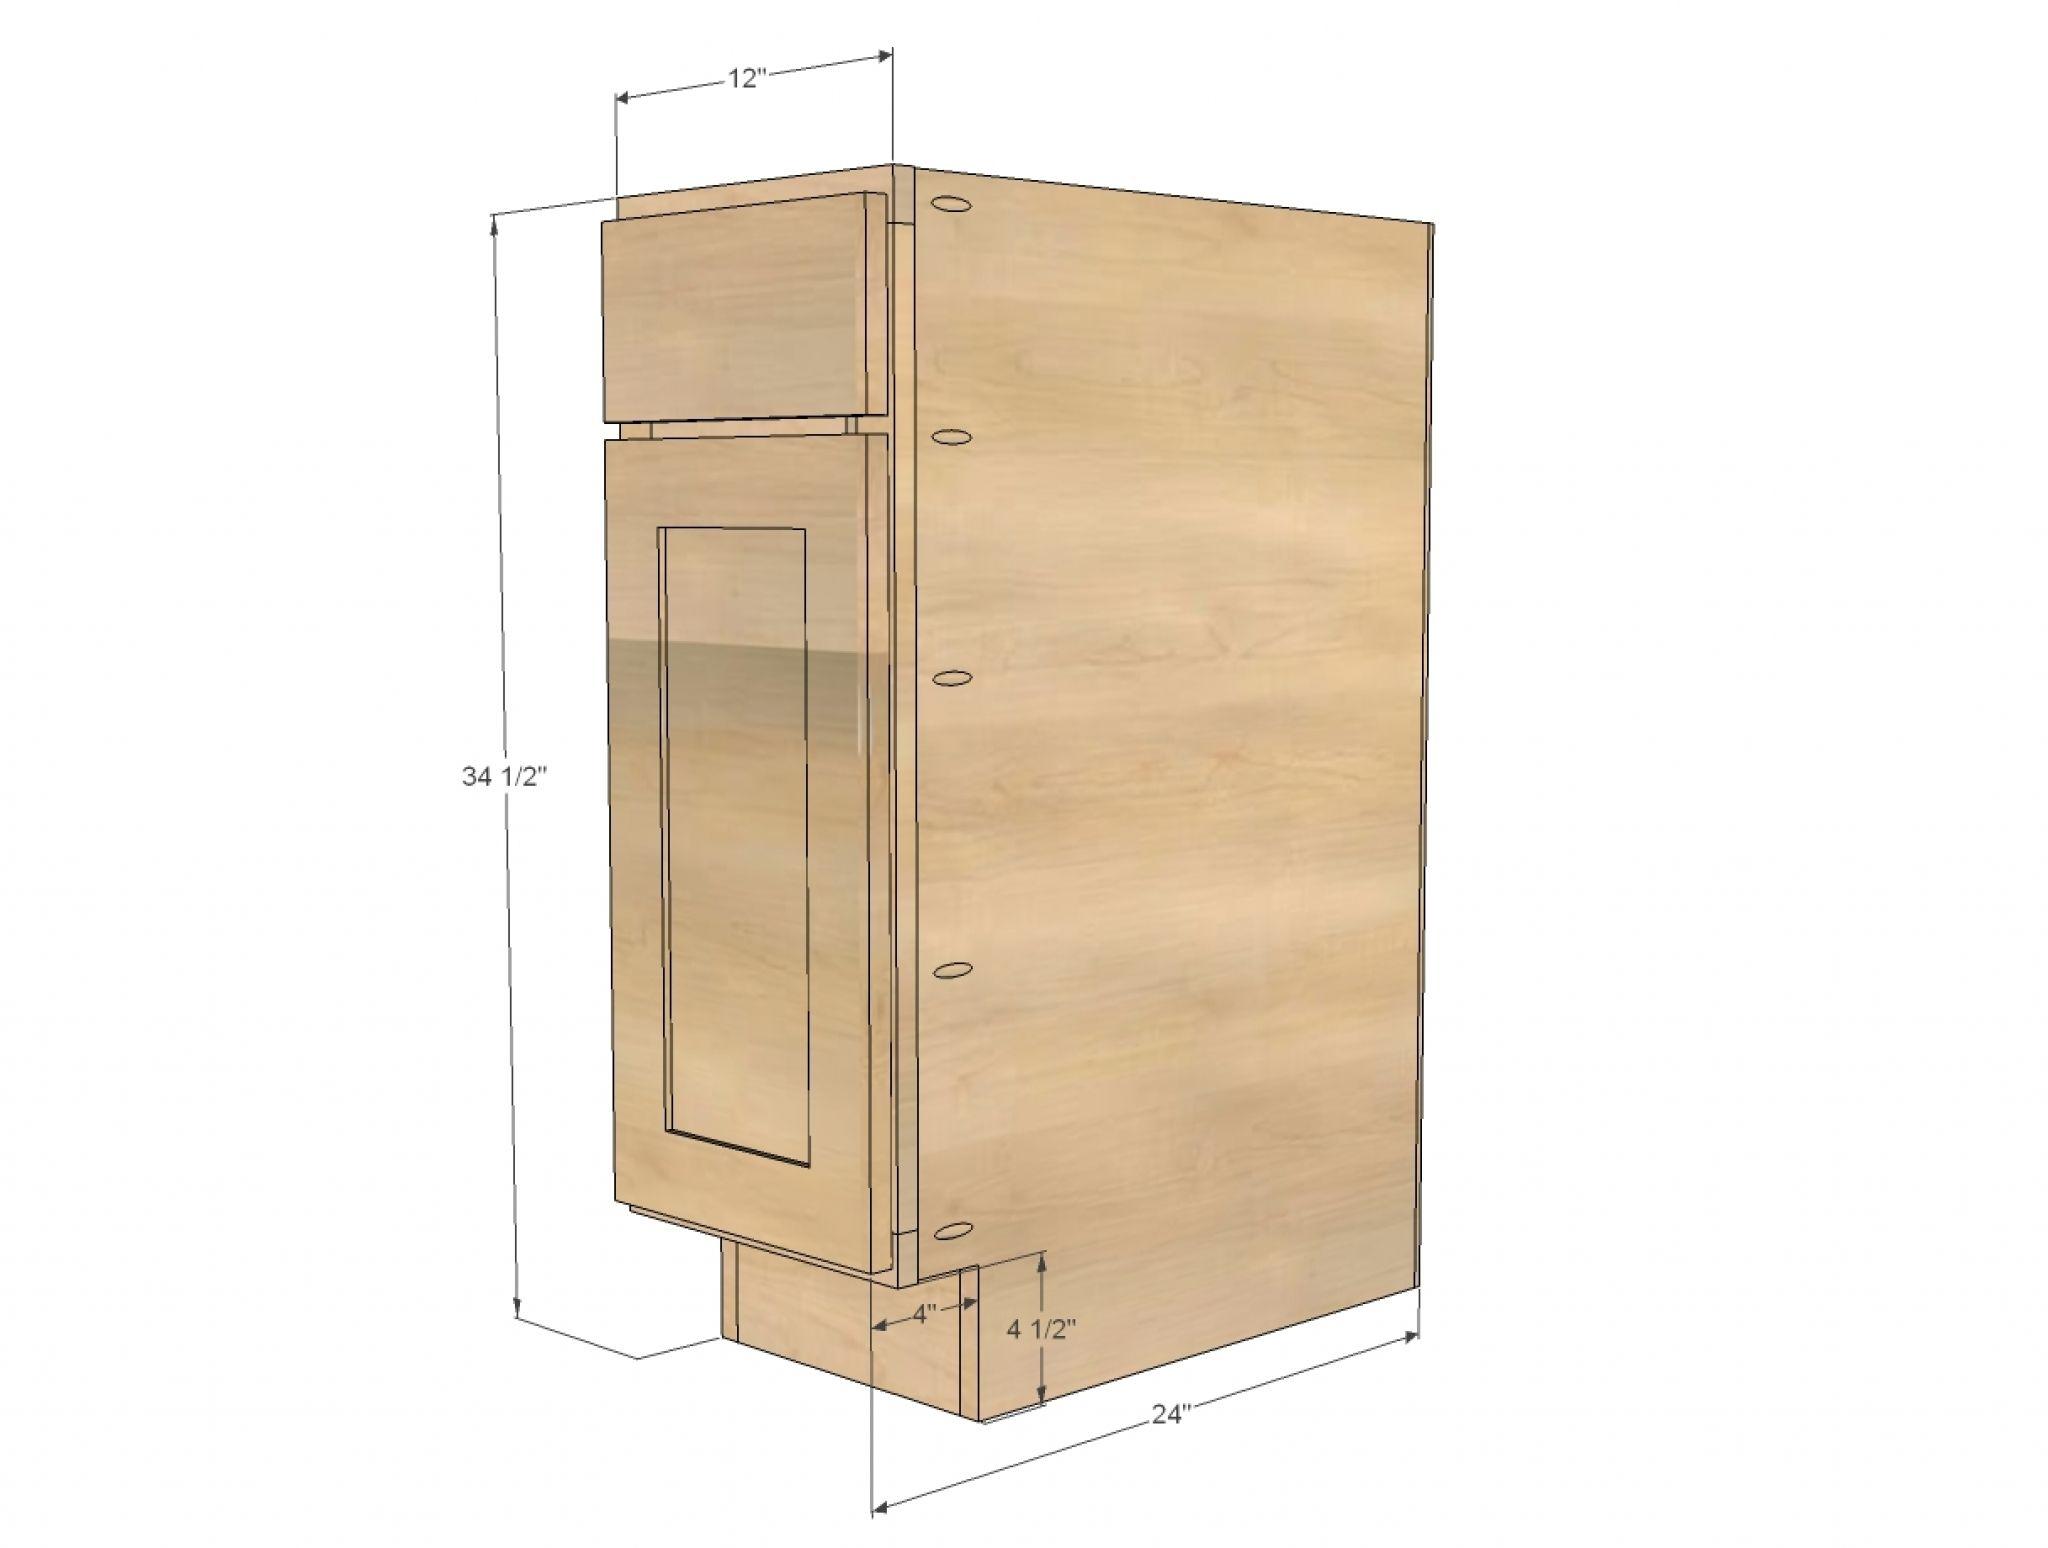 standard kitchen base cabinet depth diy ideas for kitchen